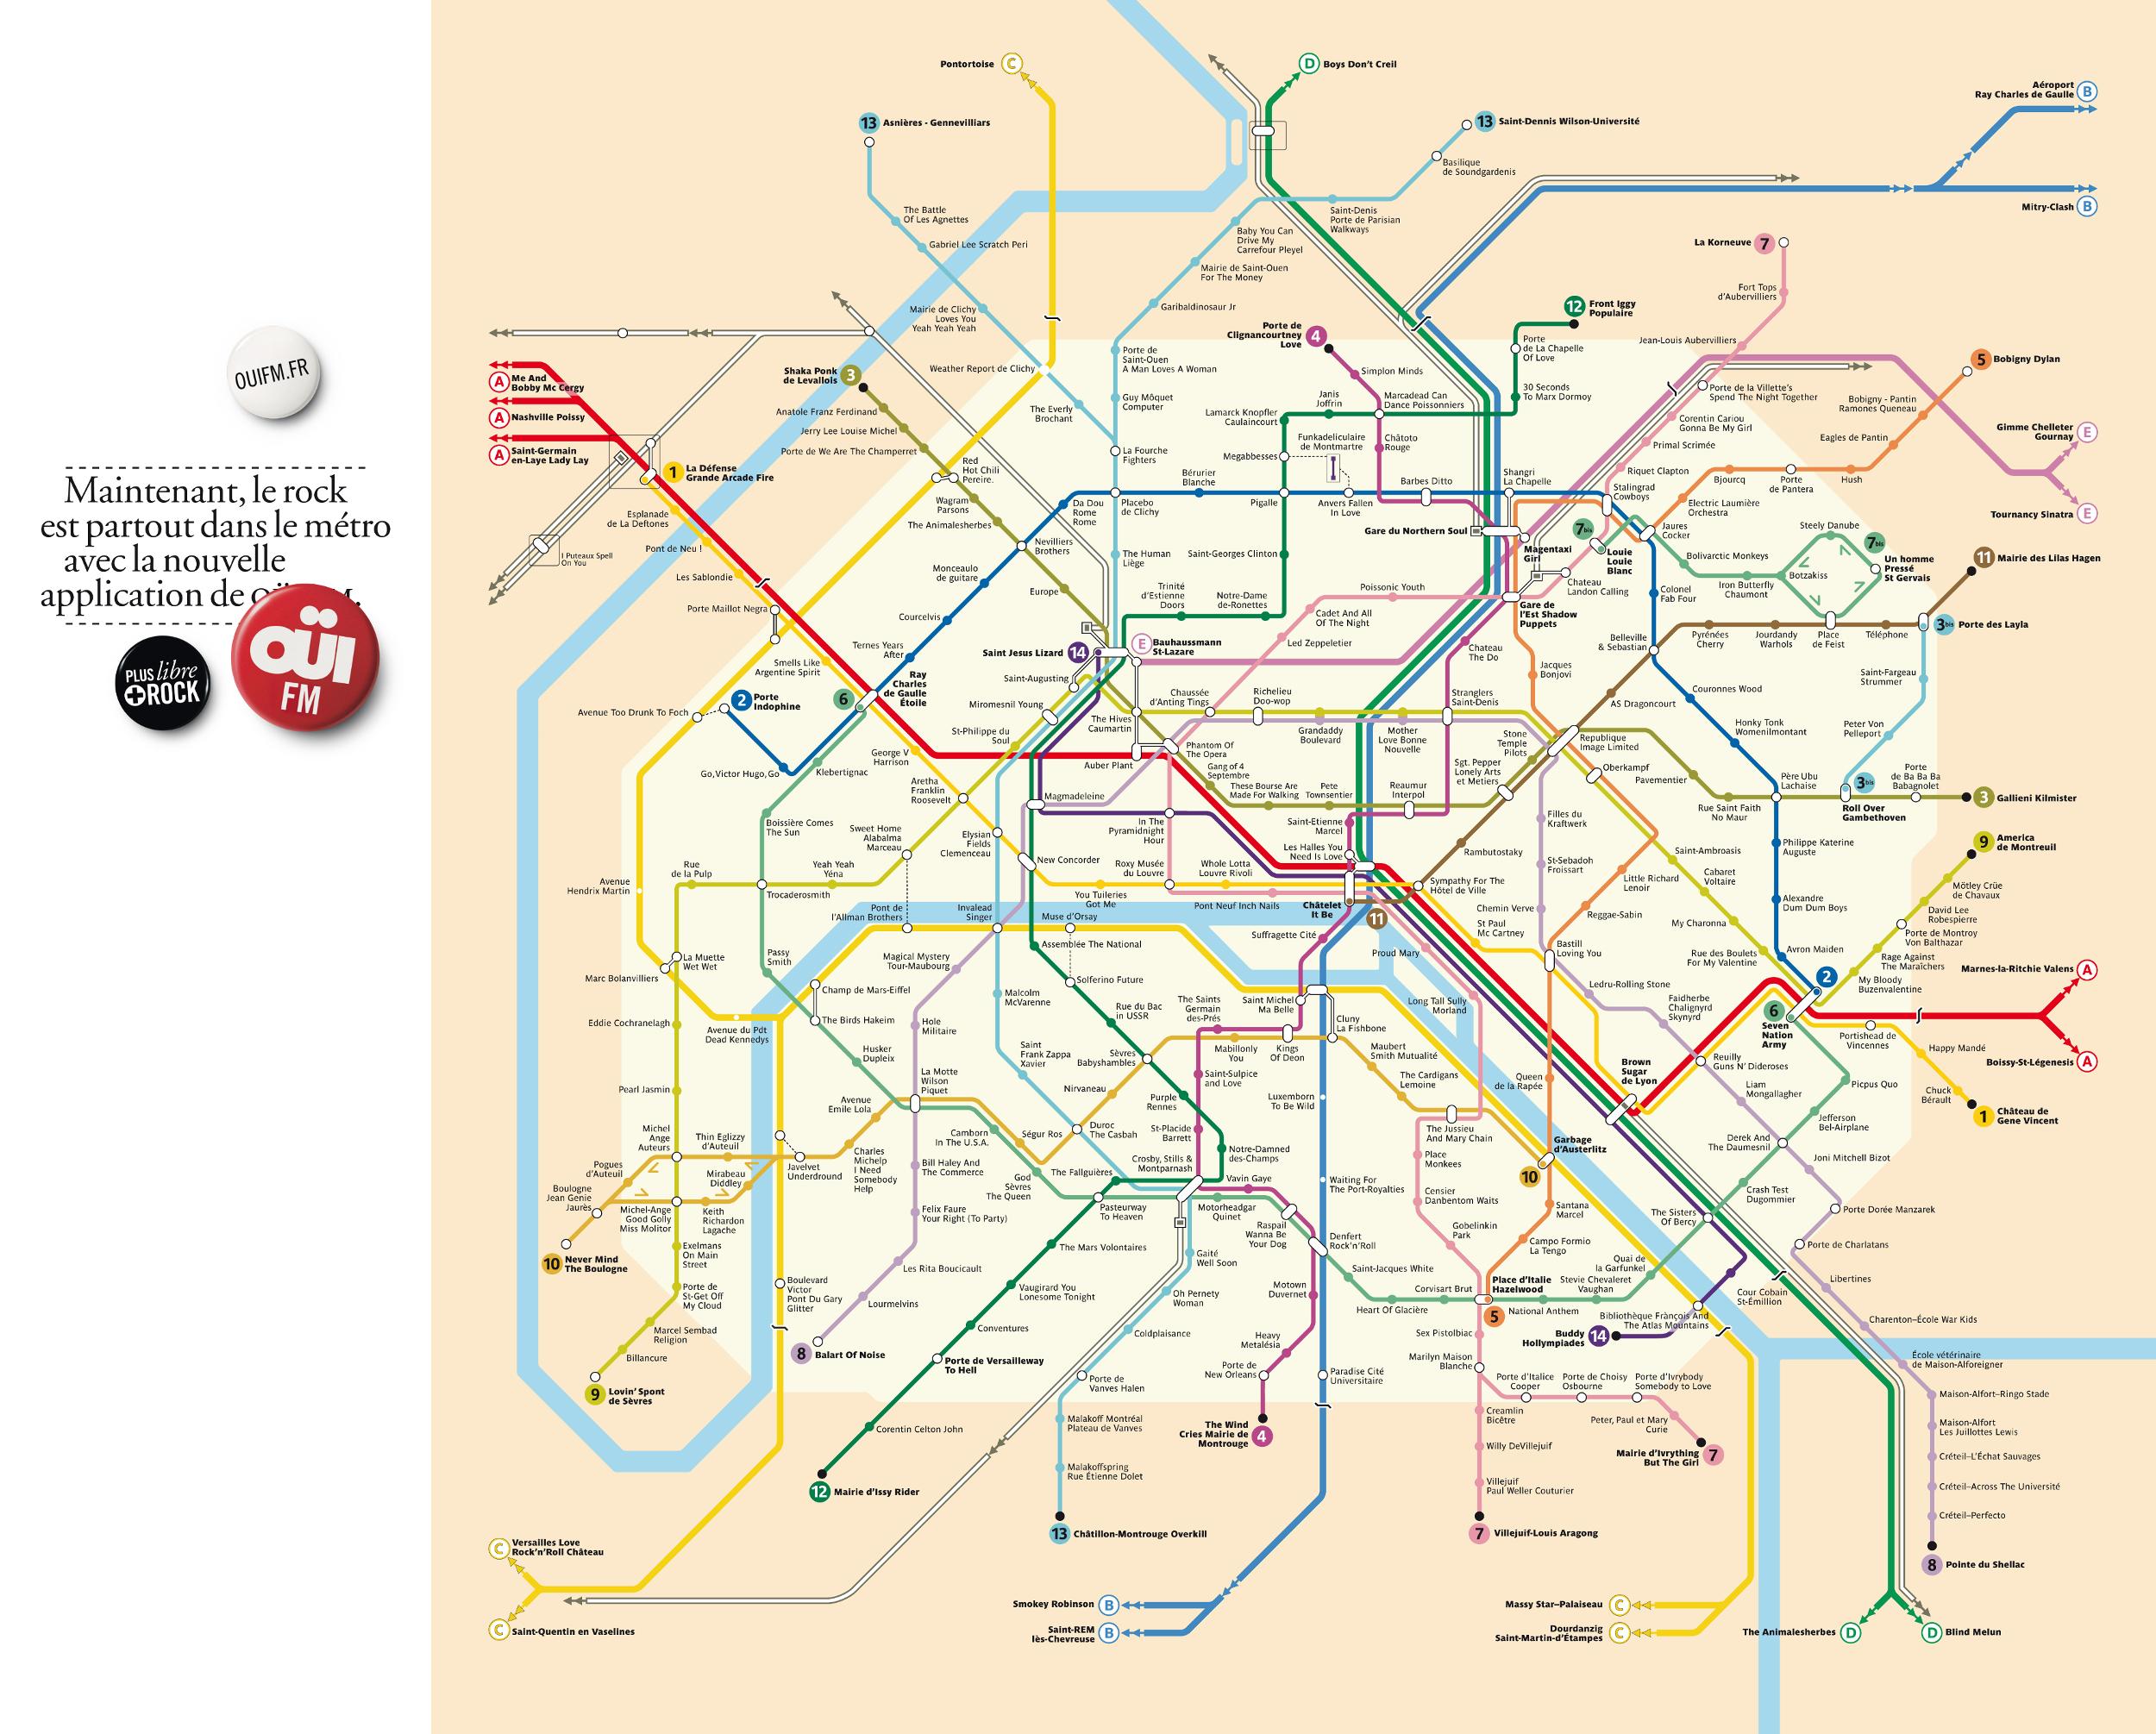 Le plan du métro de Paris en version rock | KelBillet